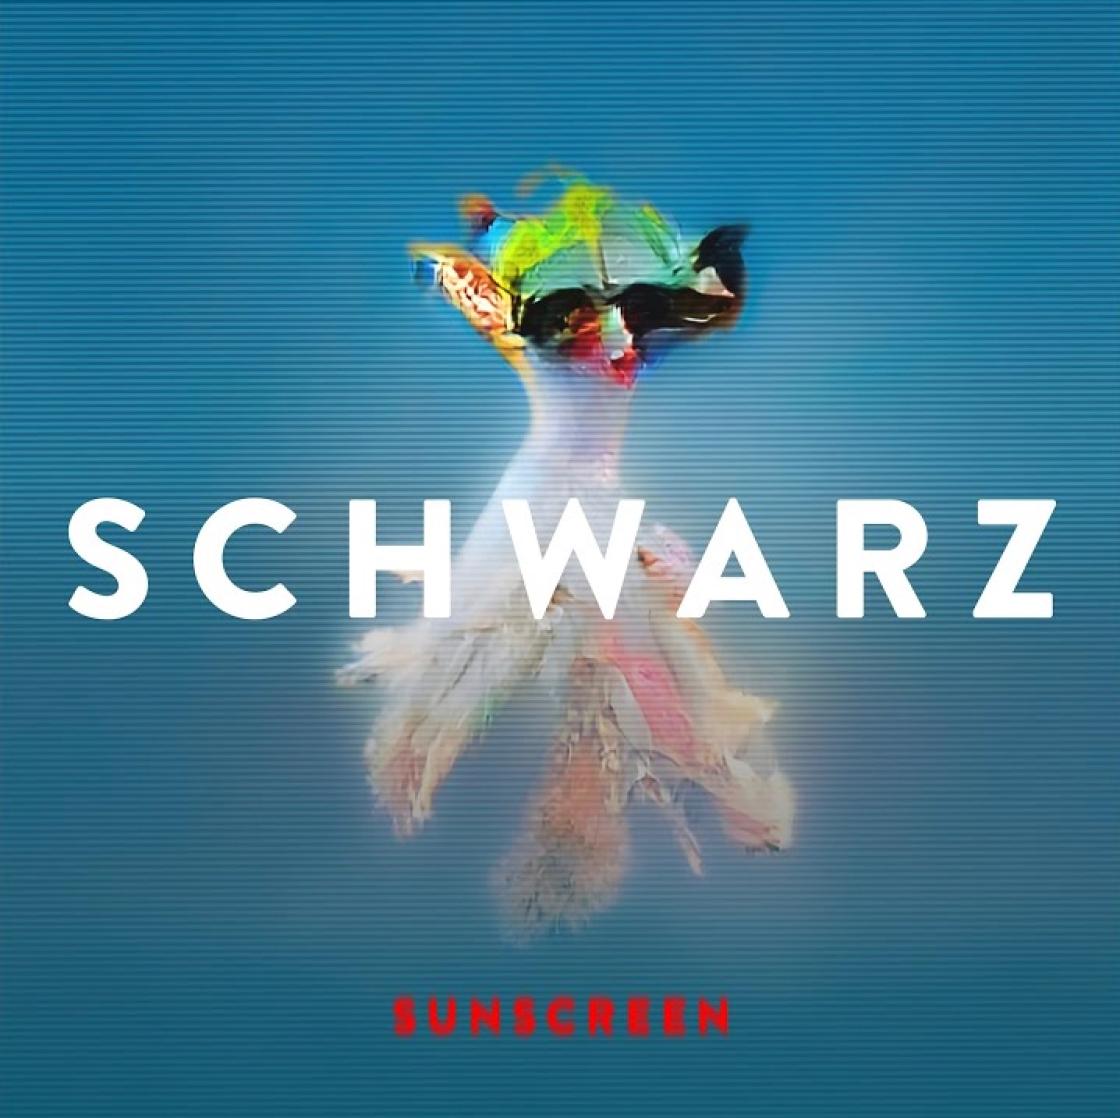 SCHWARZ - Sunscreen